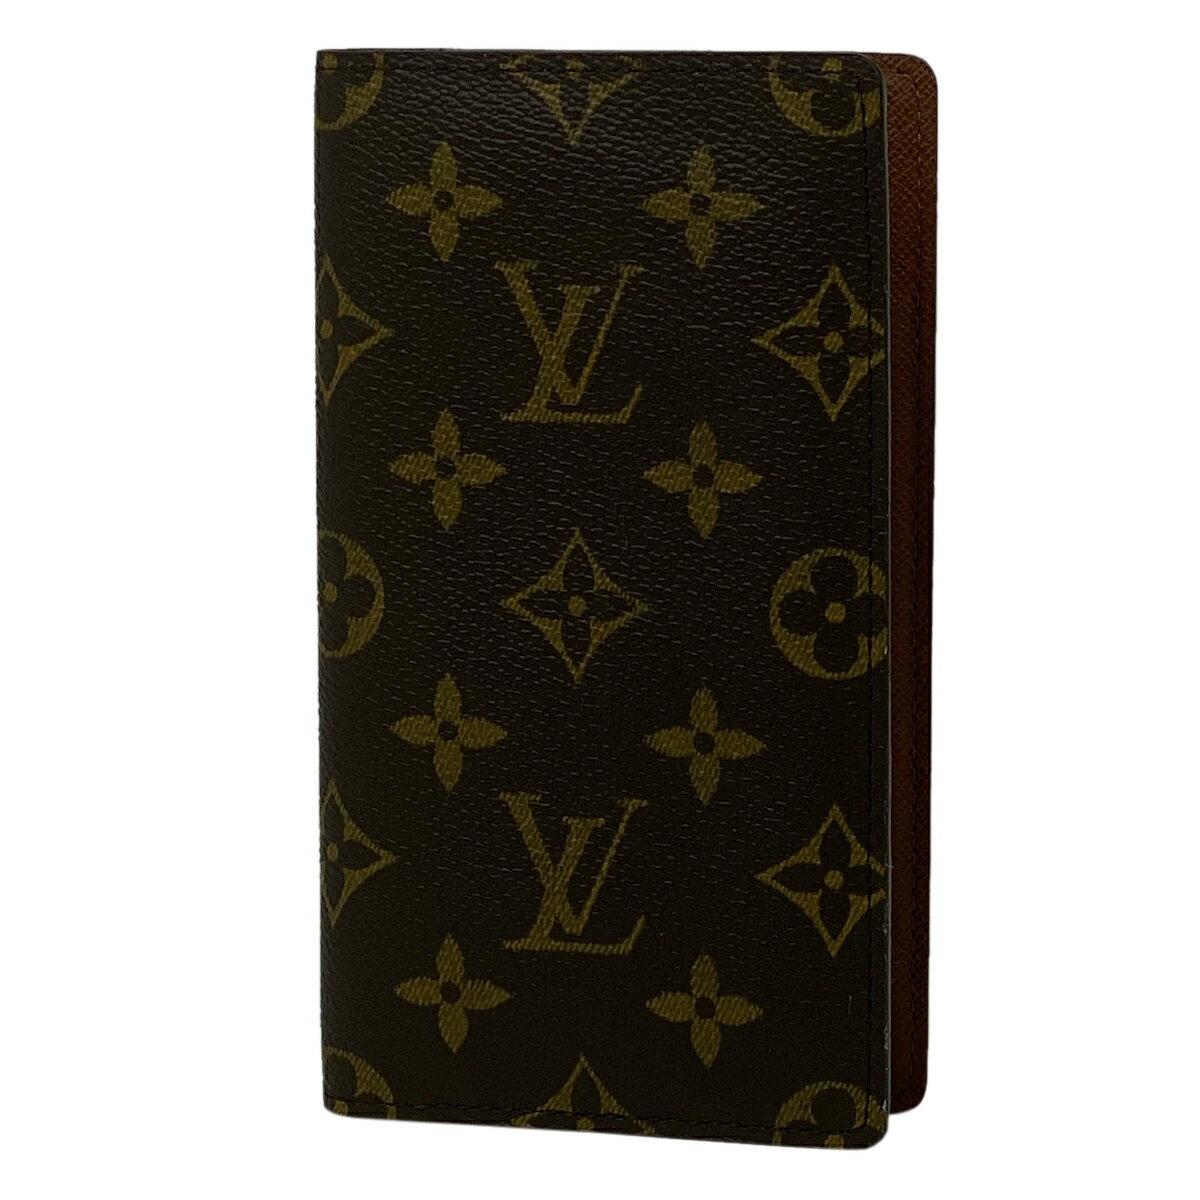 文房具・事務用品, ブックカバー  Louis Vuitton R20503